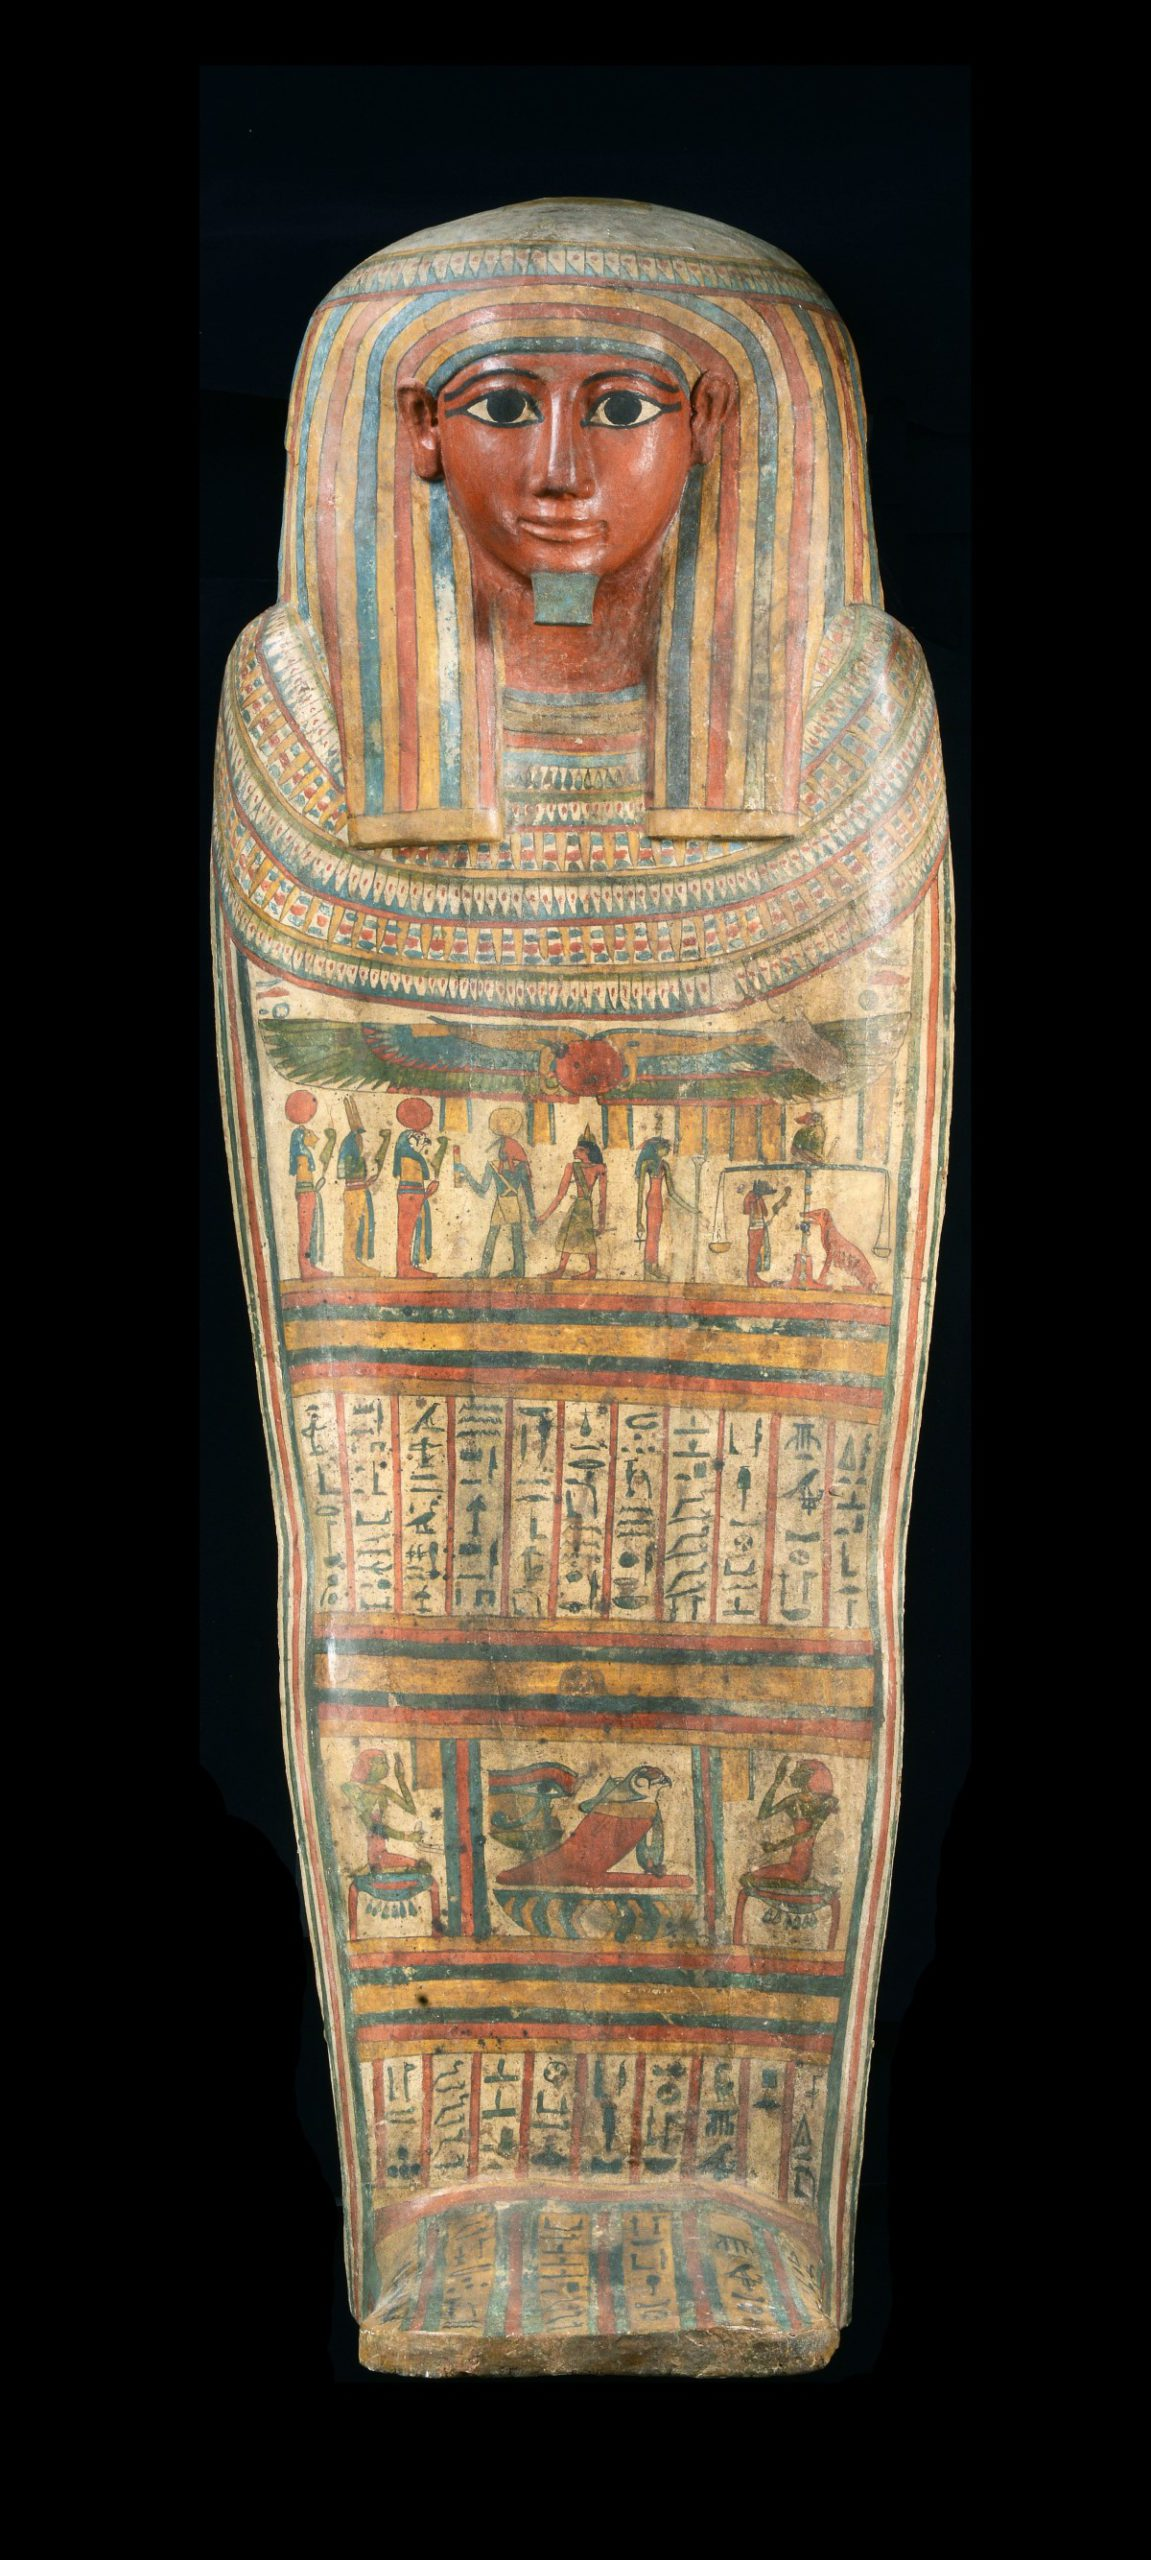 ホルの外棺 後期王朝時代 (蓋)長さ199㎝、幅72㎝、高さ38㎝ (身)長さ200㎝、幅72㎝、高さ35㎝ ライデン国立古代博物館 Image © Rijksmuseum van Oudheden (Leiden, the Netherlands)